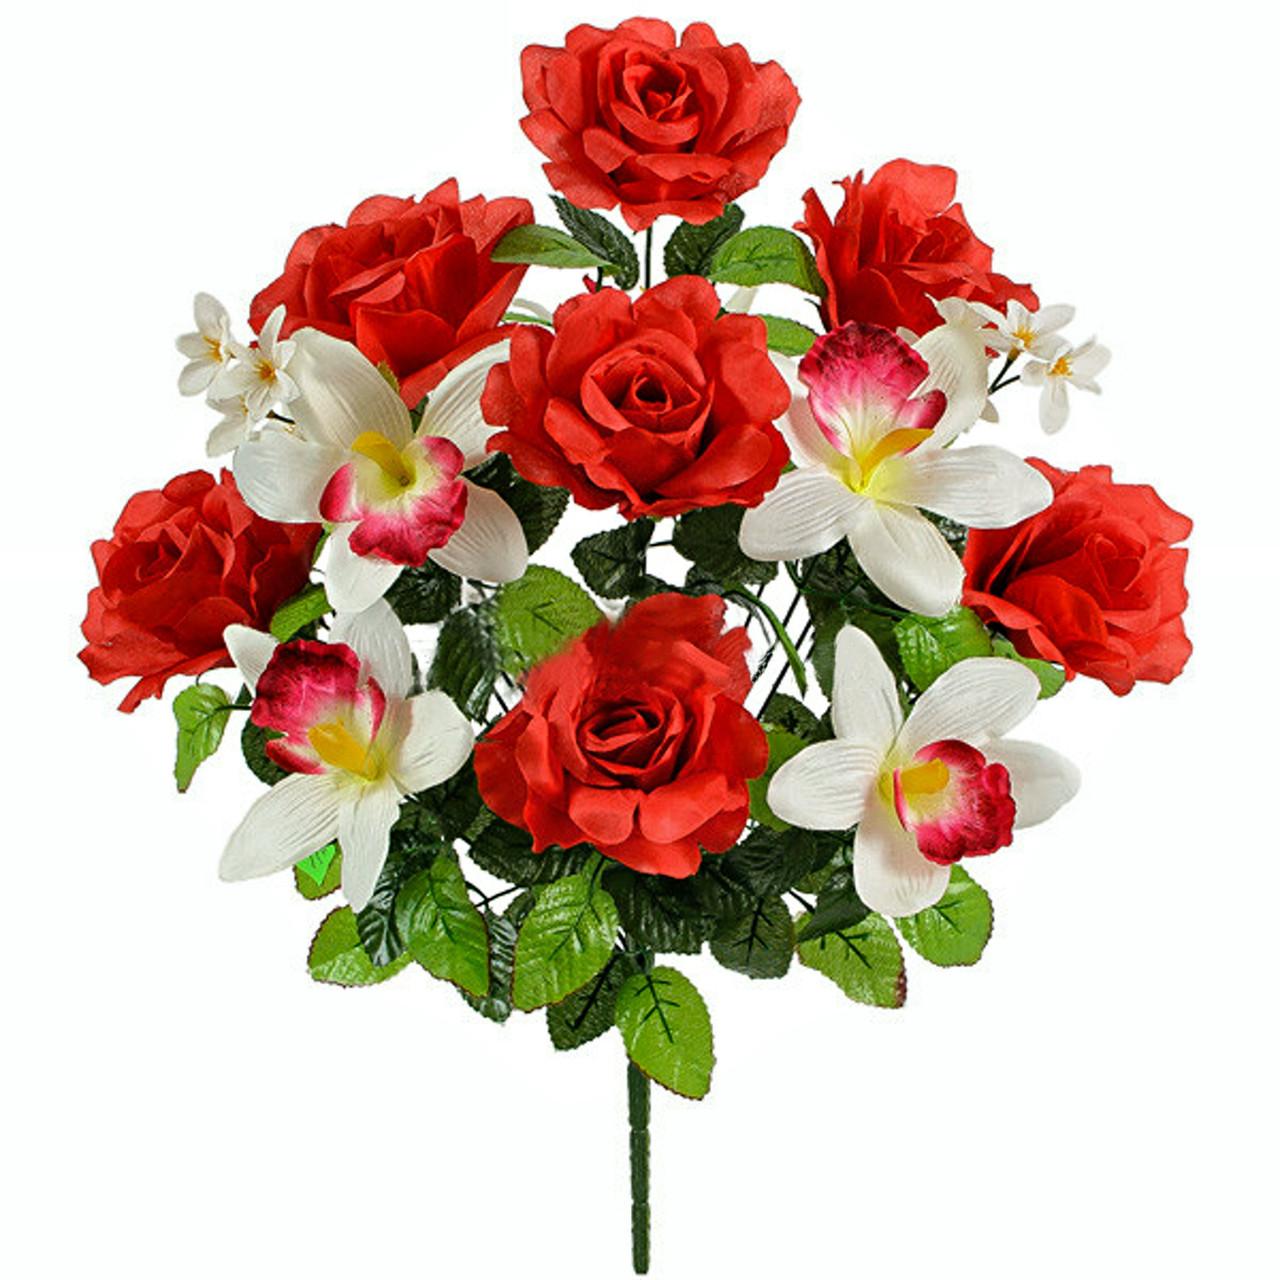 Букет искусственных роз и орхидей Шик, 55см